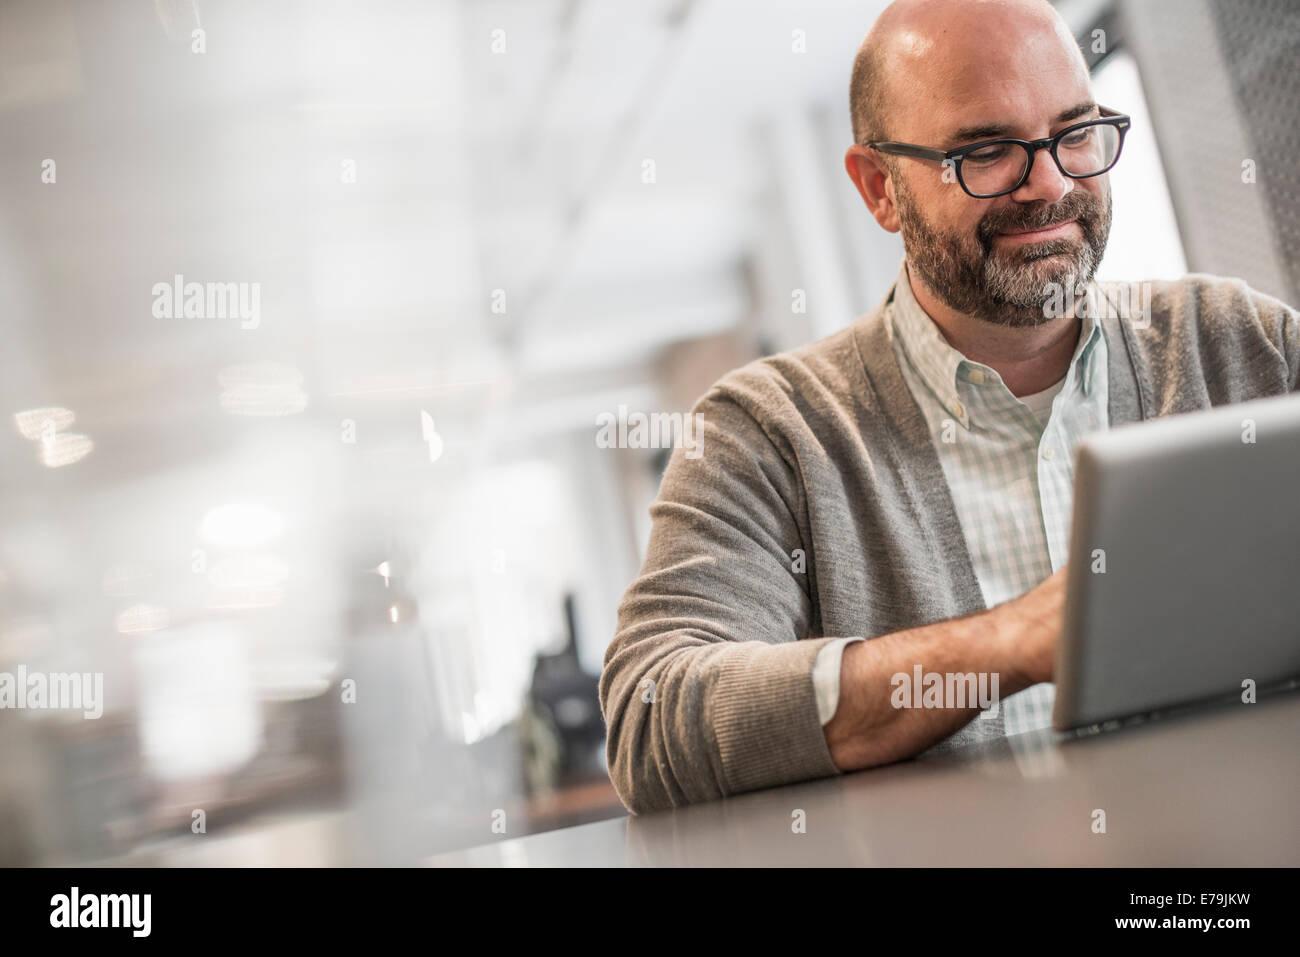 Vita in ufficio. Un uomo seduto al tavolo, per lavorare su un computer portatile. Immagini Stock